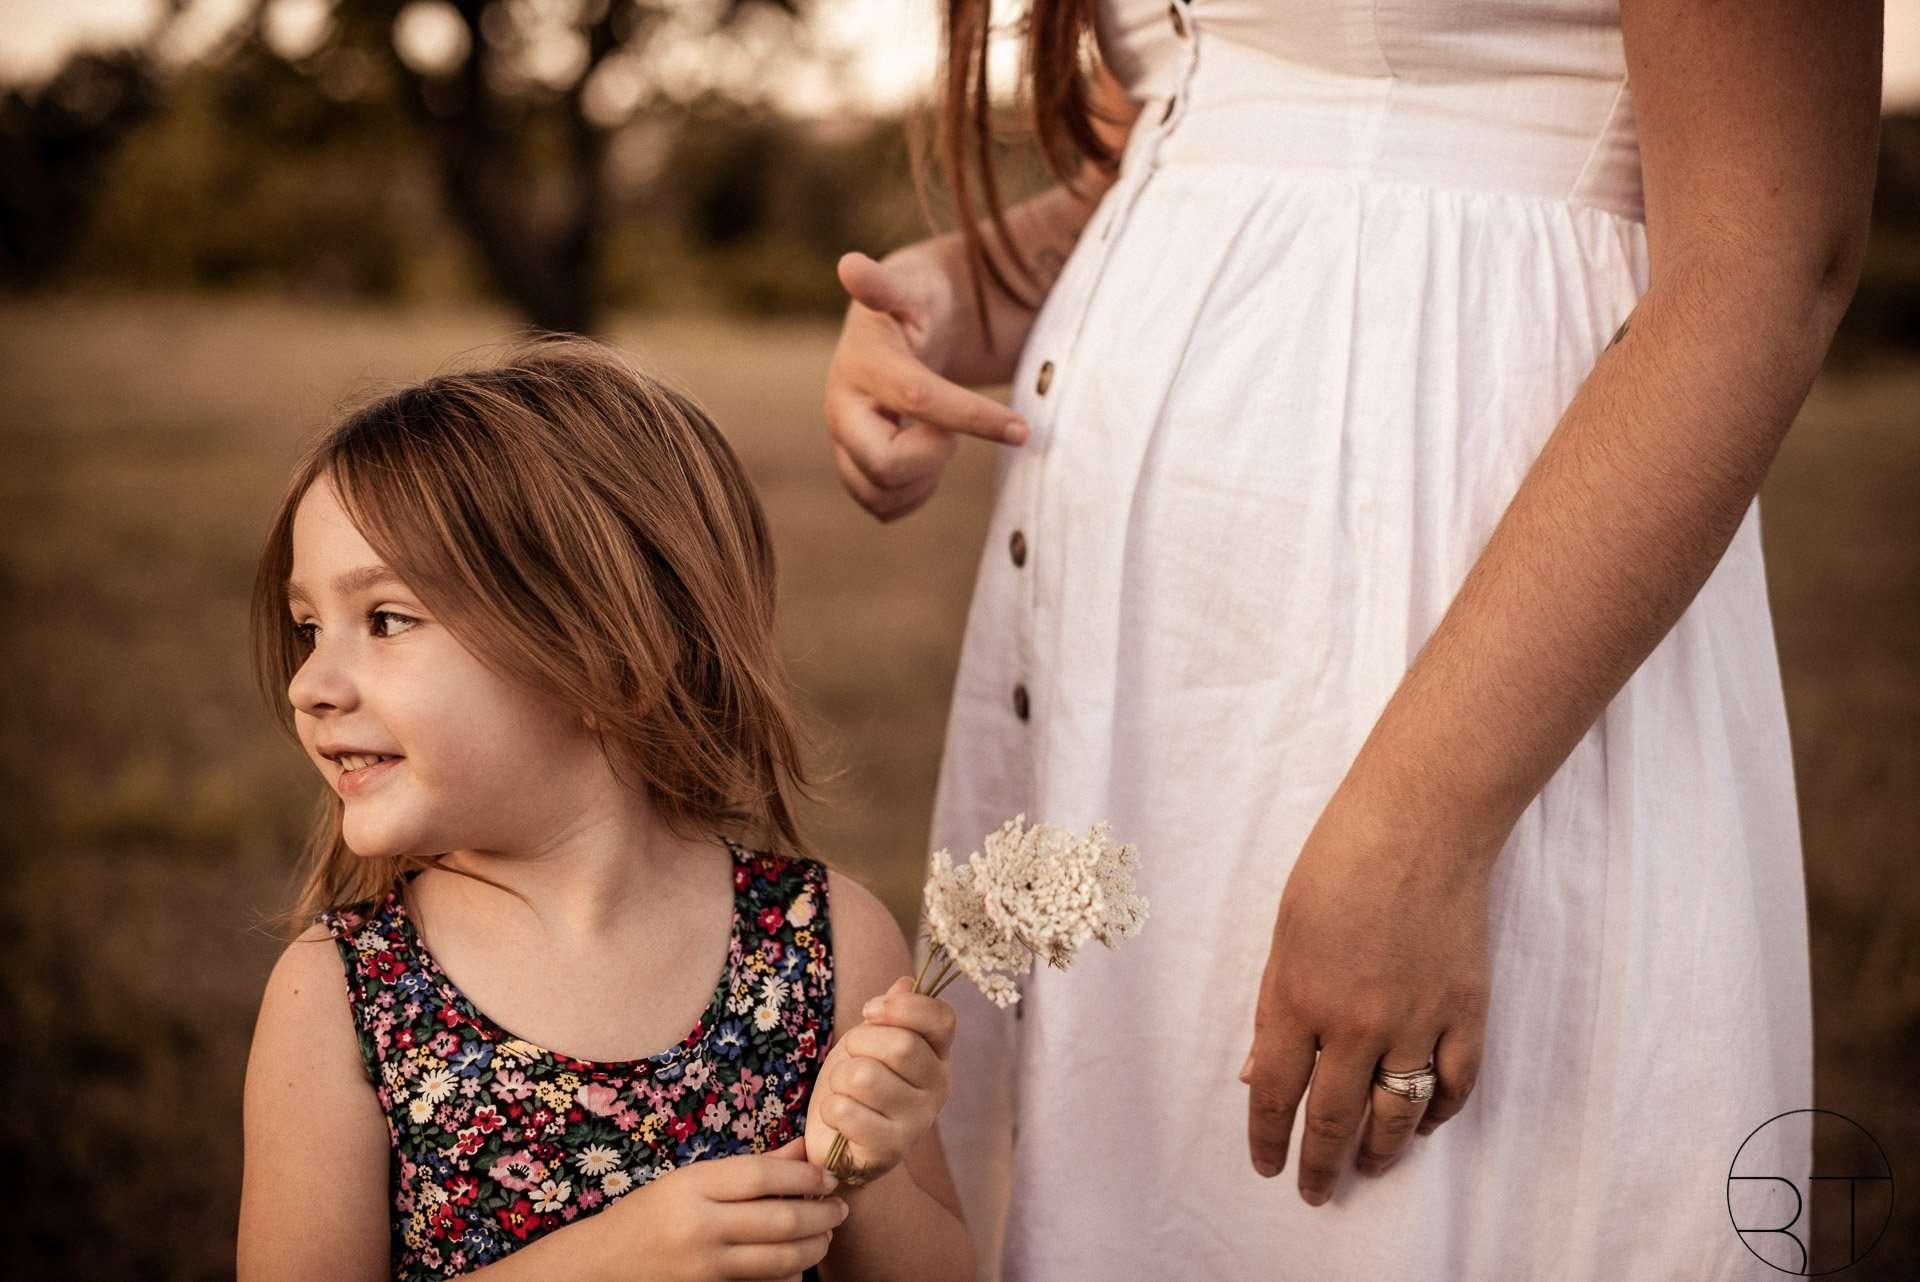 Fotografia bambina con mamma realizzata da Barbara Trincone Fotografo specializzato ritratti di famiglia, family session a Napoli, Salerno, Avellino, Caserta